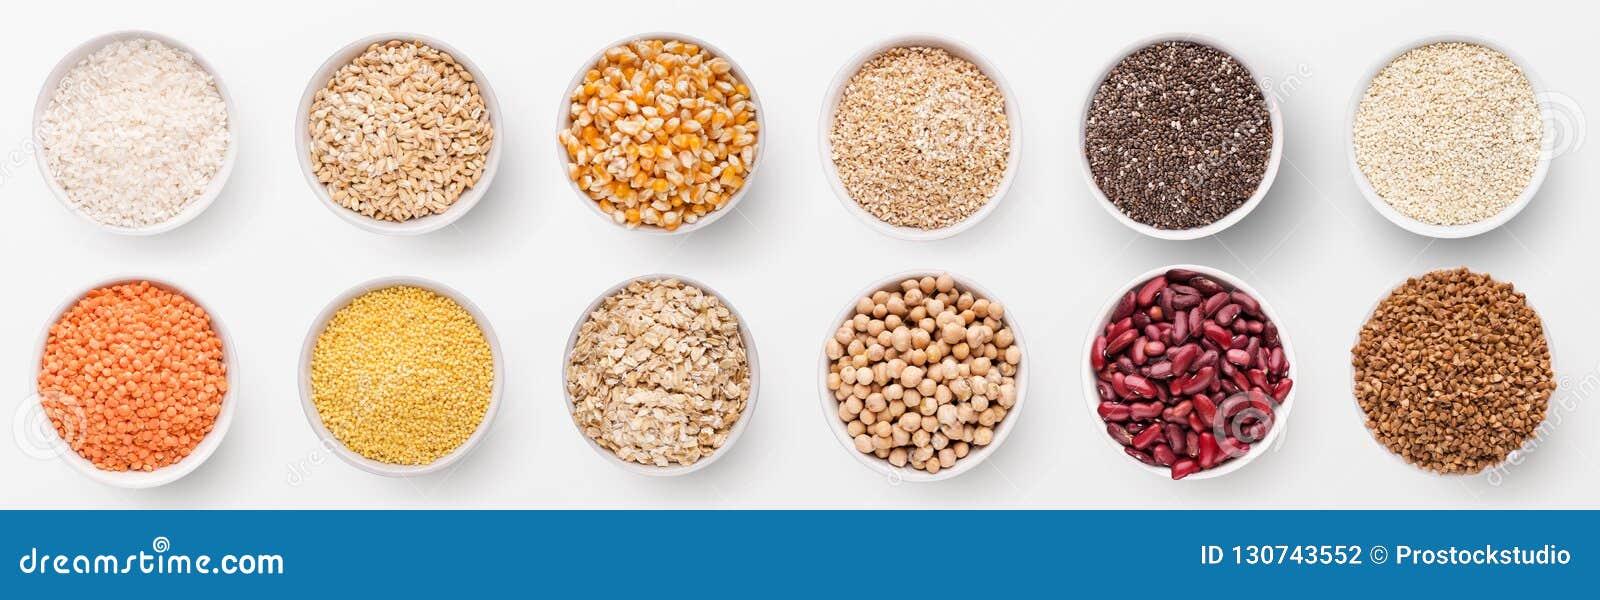 Colección de diversos granos y habas en cuencos